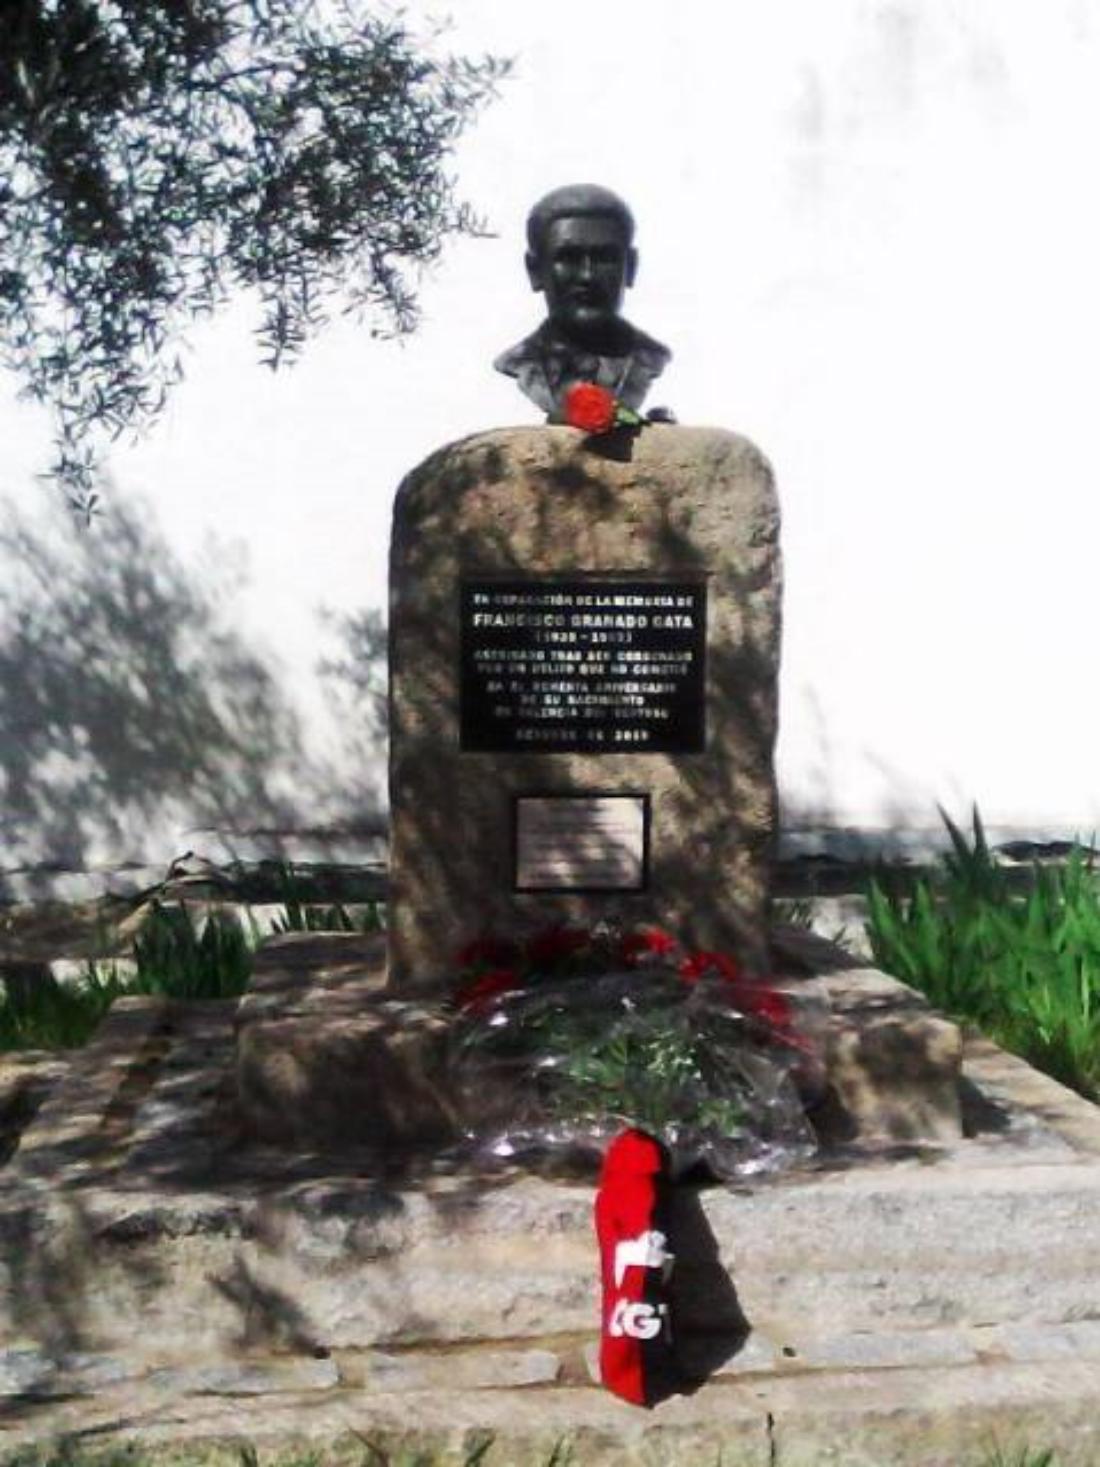 Volvemos a Valencia del Ventoso para honrar a Francisco Granado y Joaquín Delgado